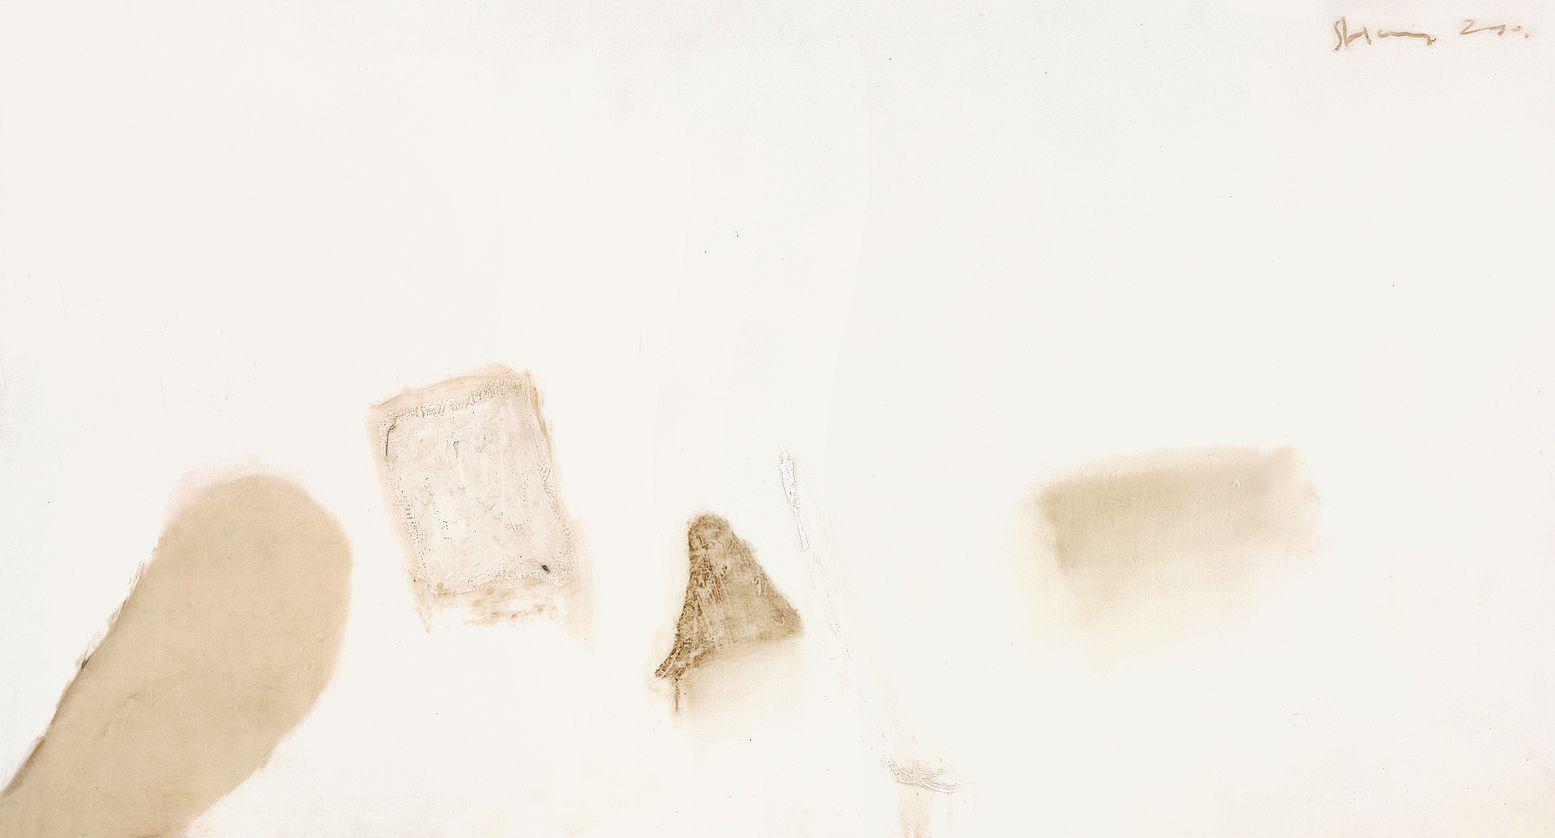 Shang Yangå°šæ‰¬, Painting Album -16 册页 -16